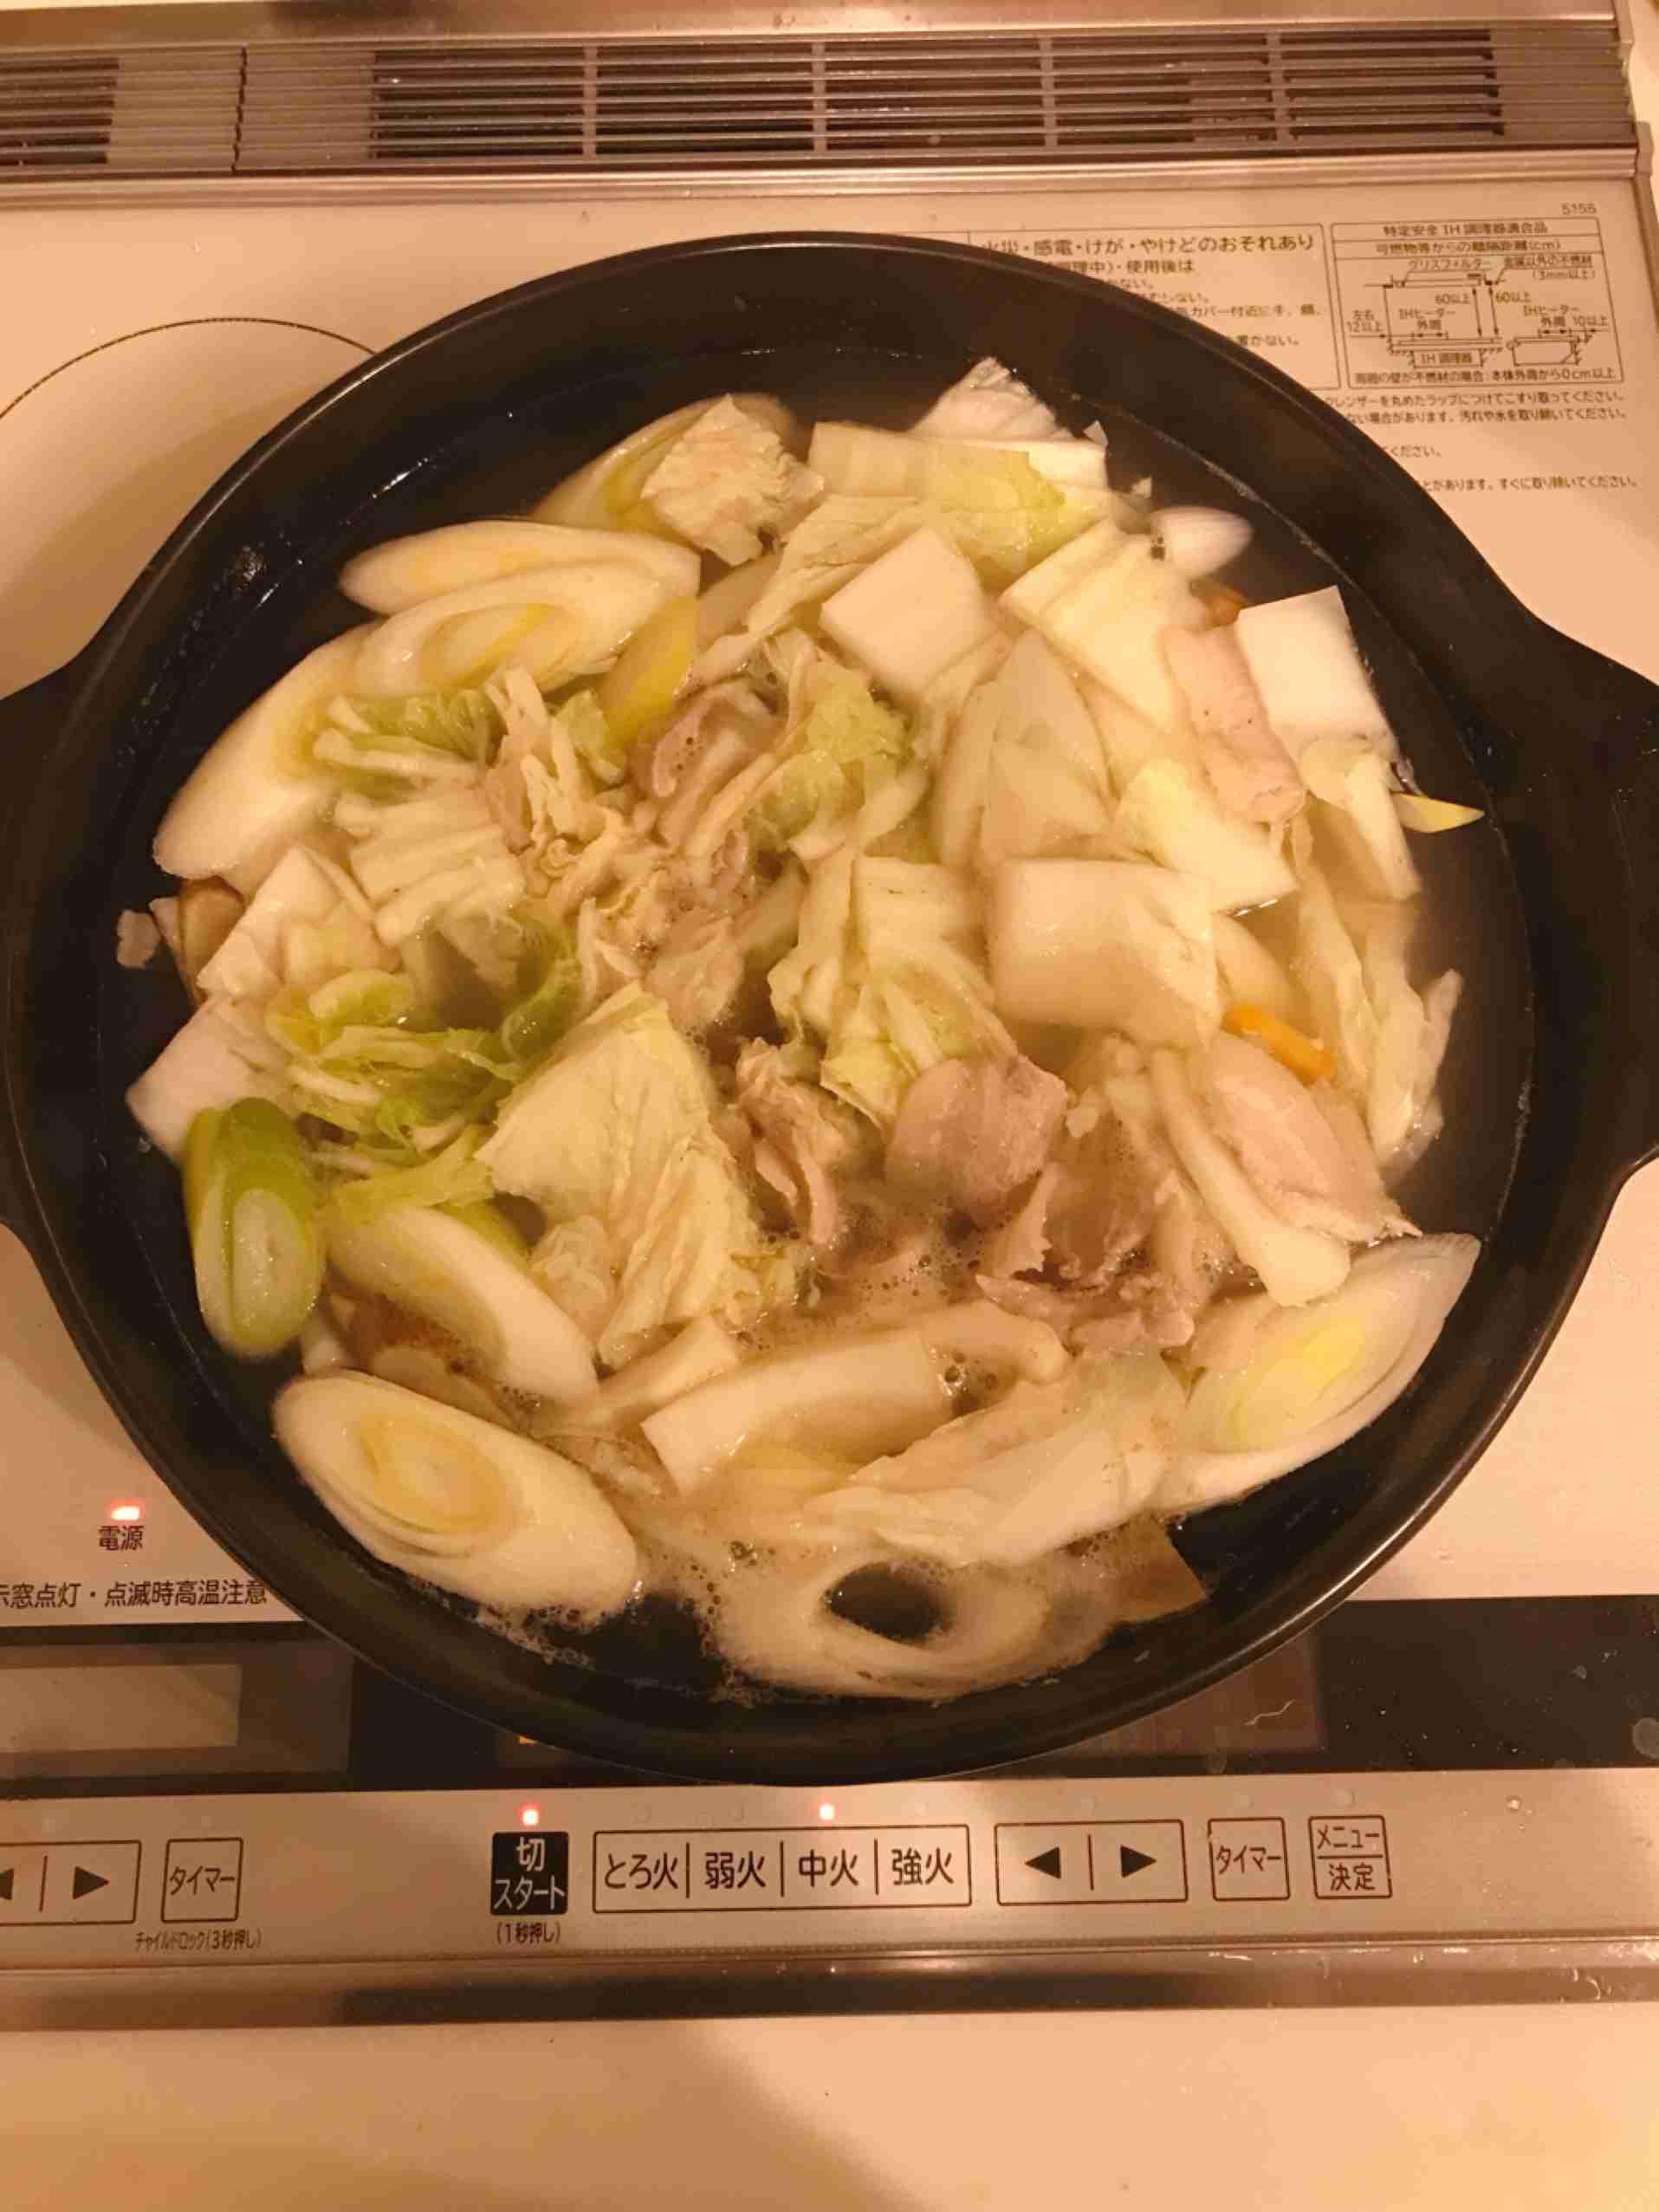 最近作った料理の写真を載せるトピ